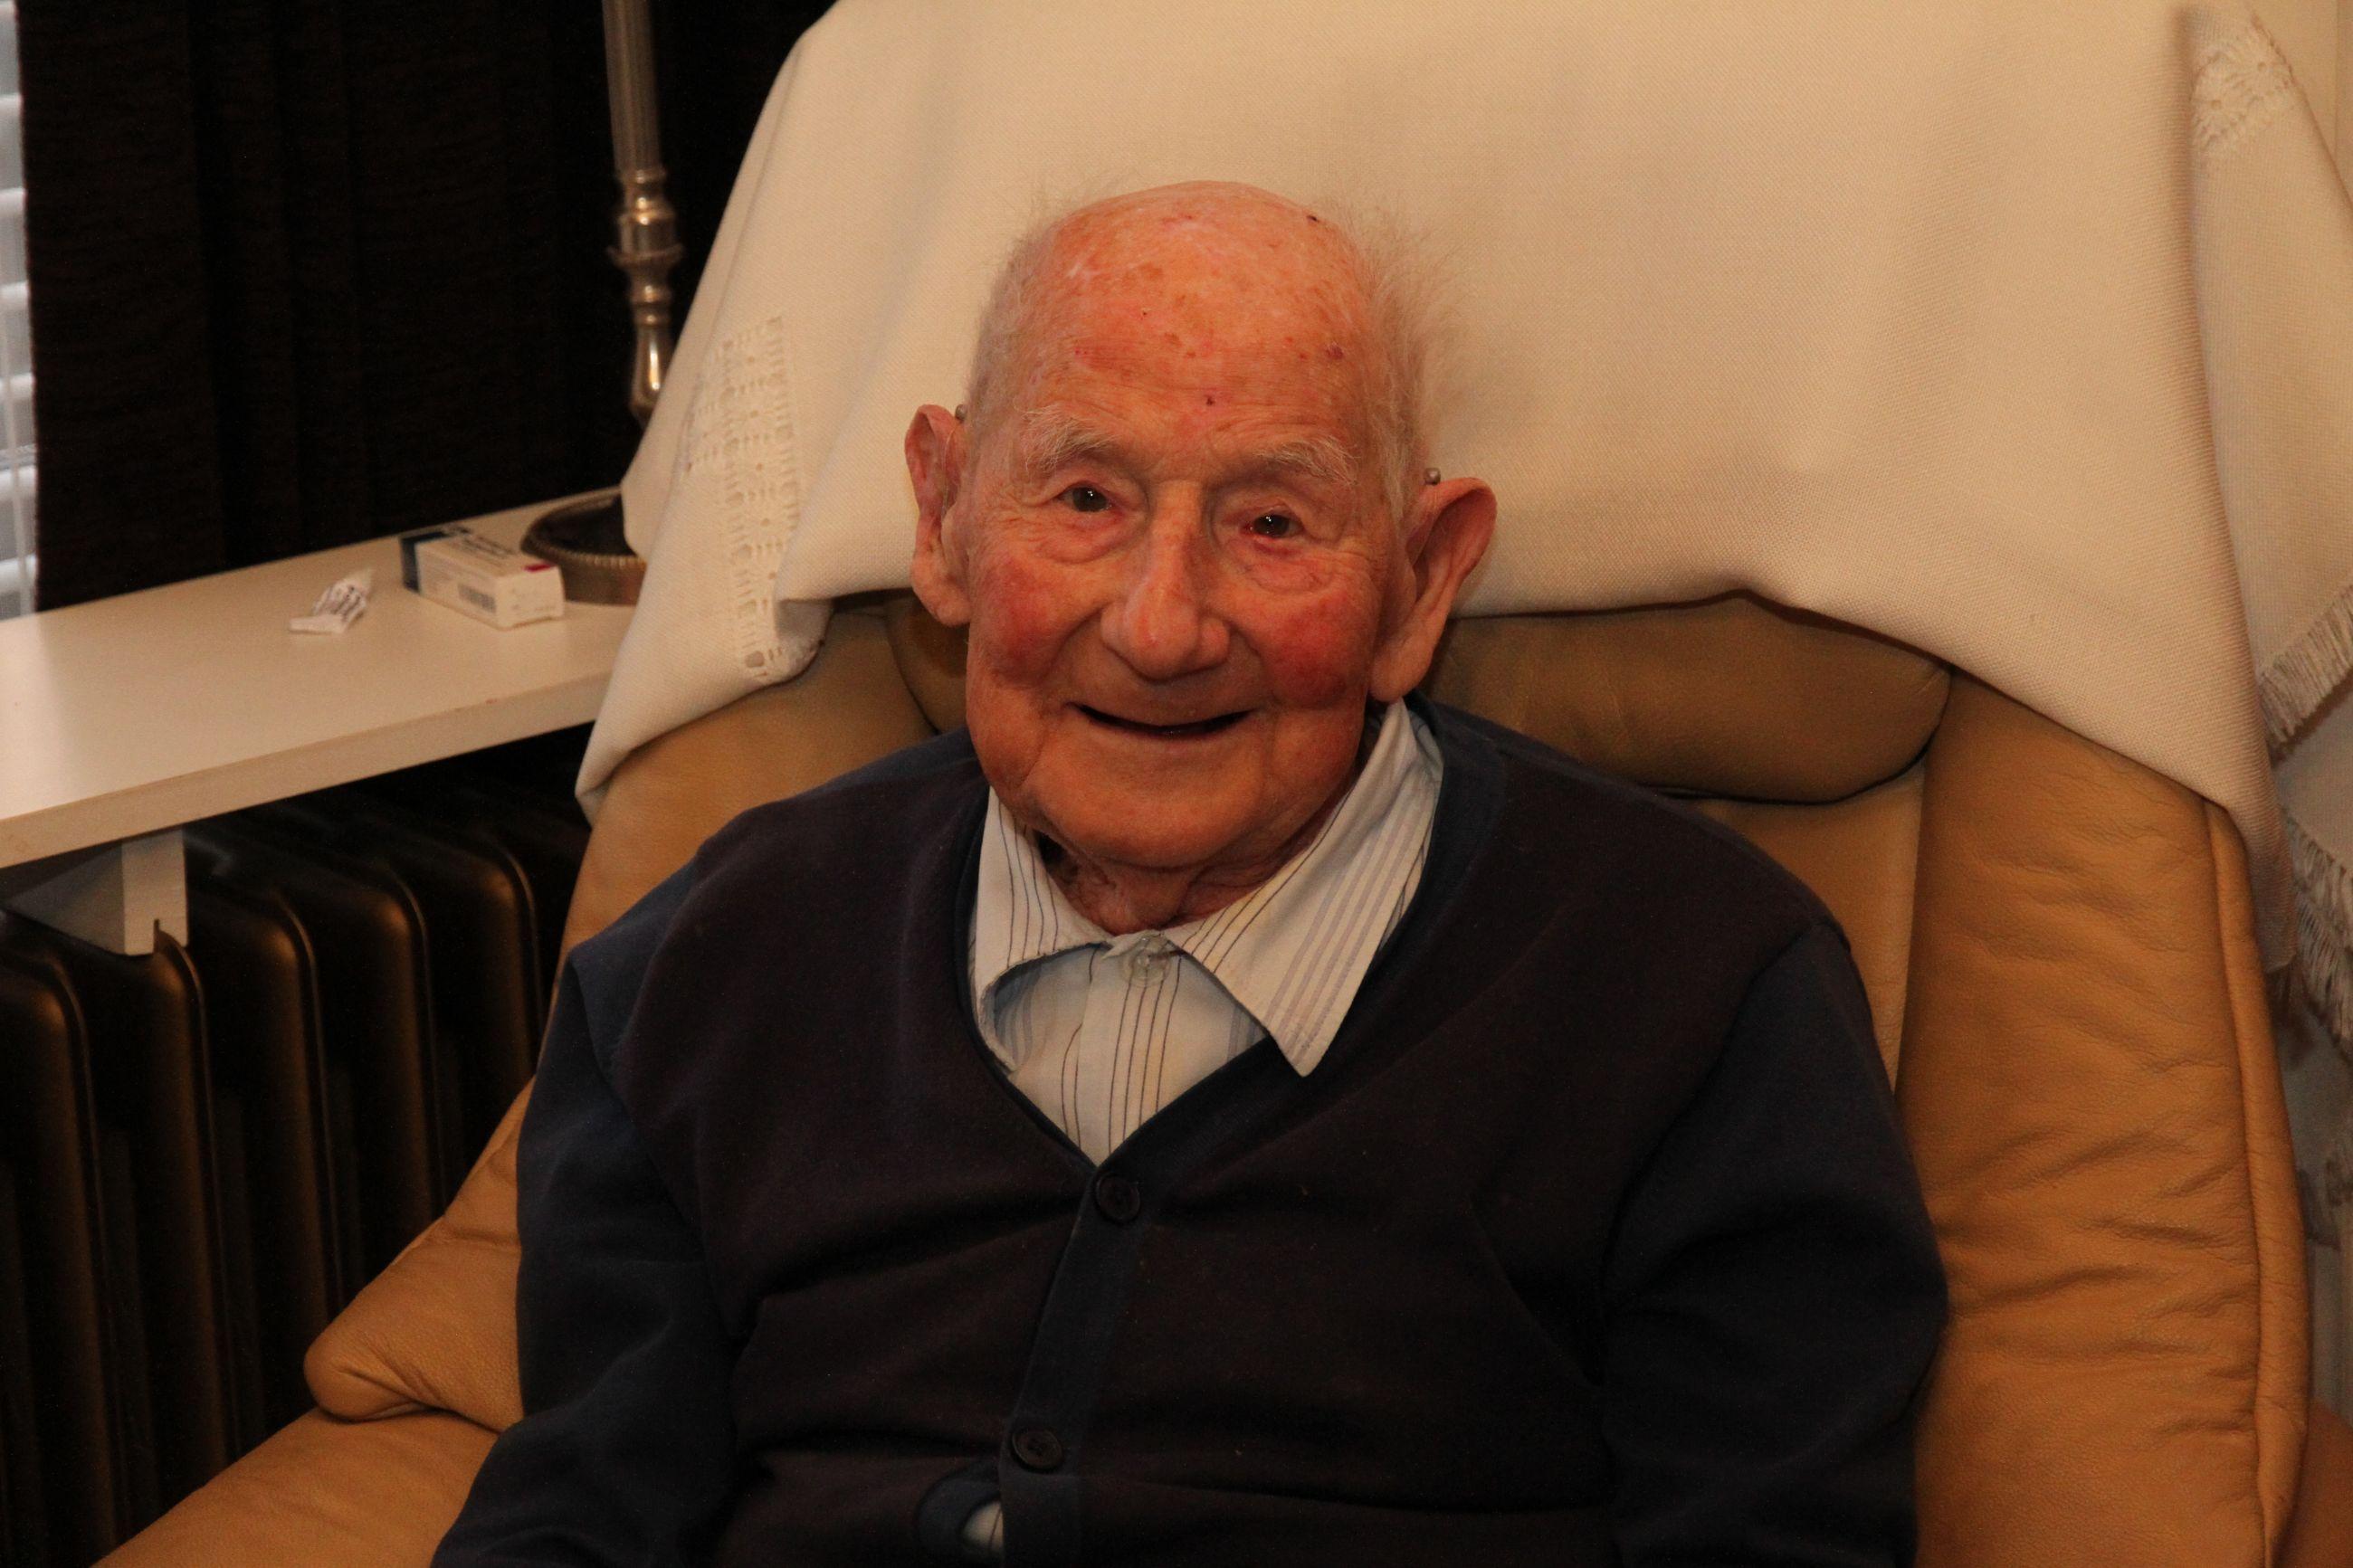 Ouder dan de 100-jarige Huisvestingsmaatschappij